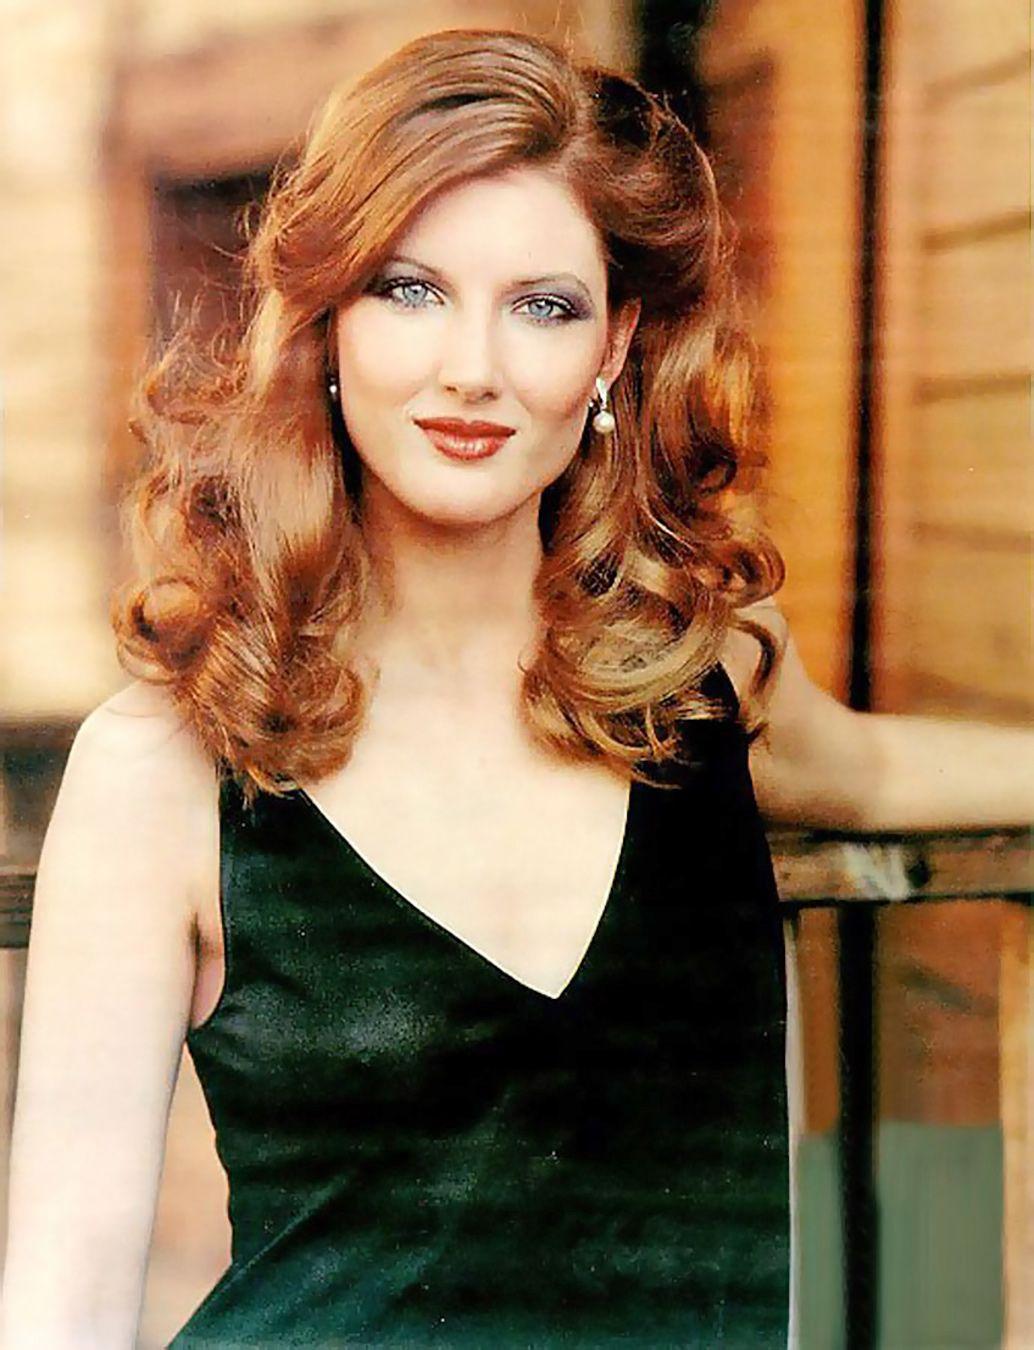 Annette O'Toole hot photo